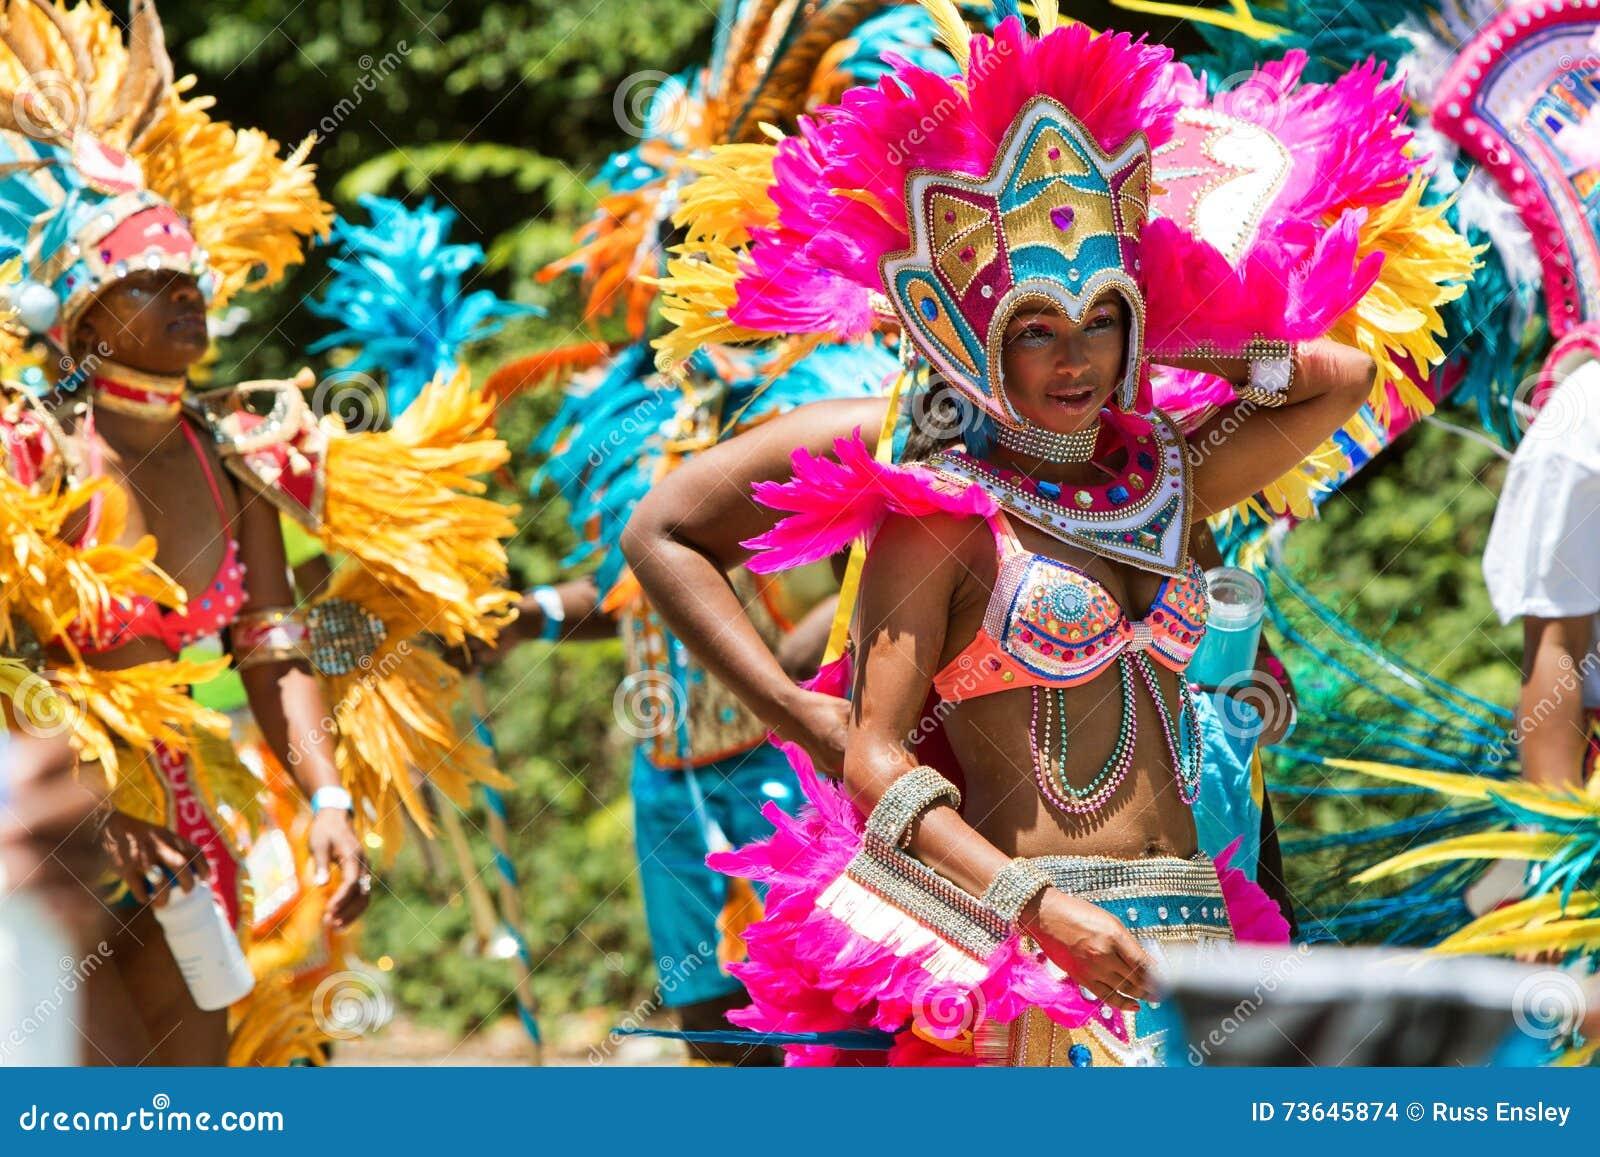 Frauen, die Kostüme und mit Federn versehenen Kopfschmuck-Weg in der karibischen Parade tragen